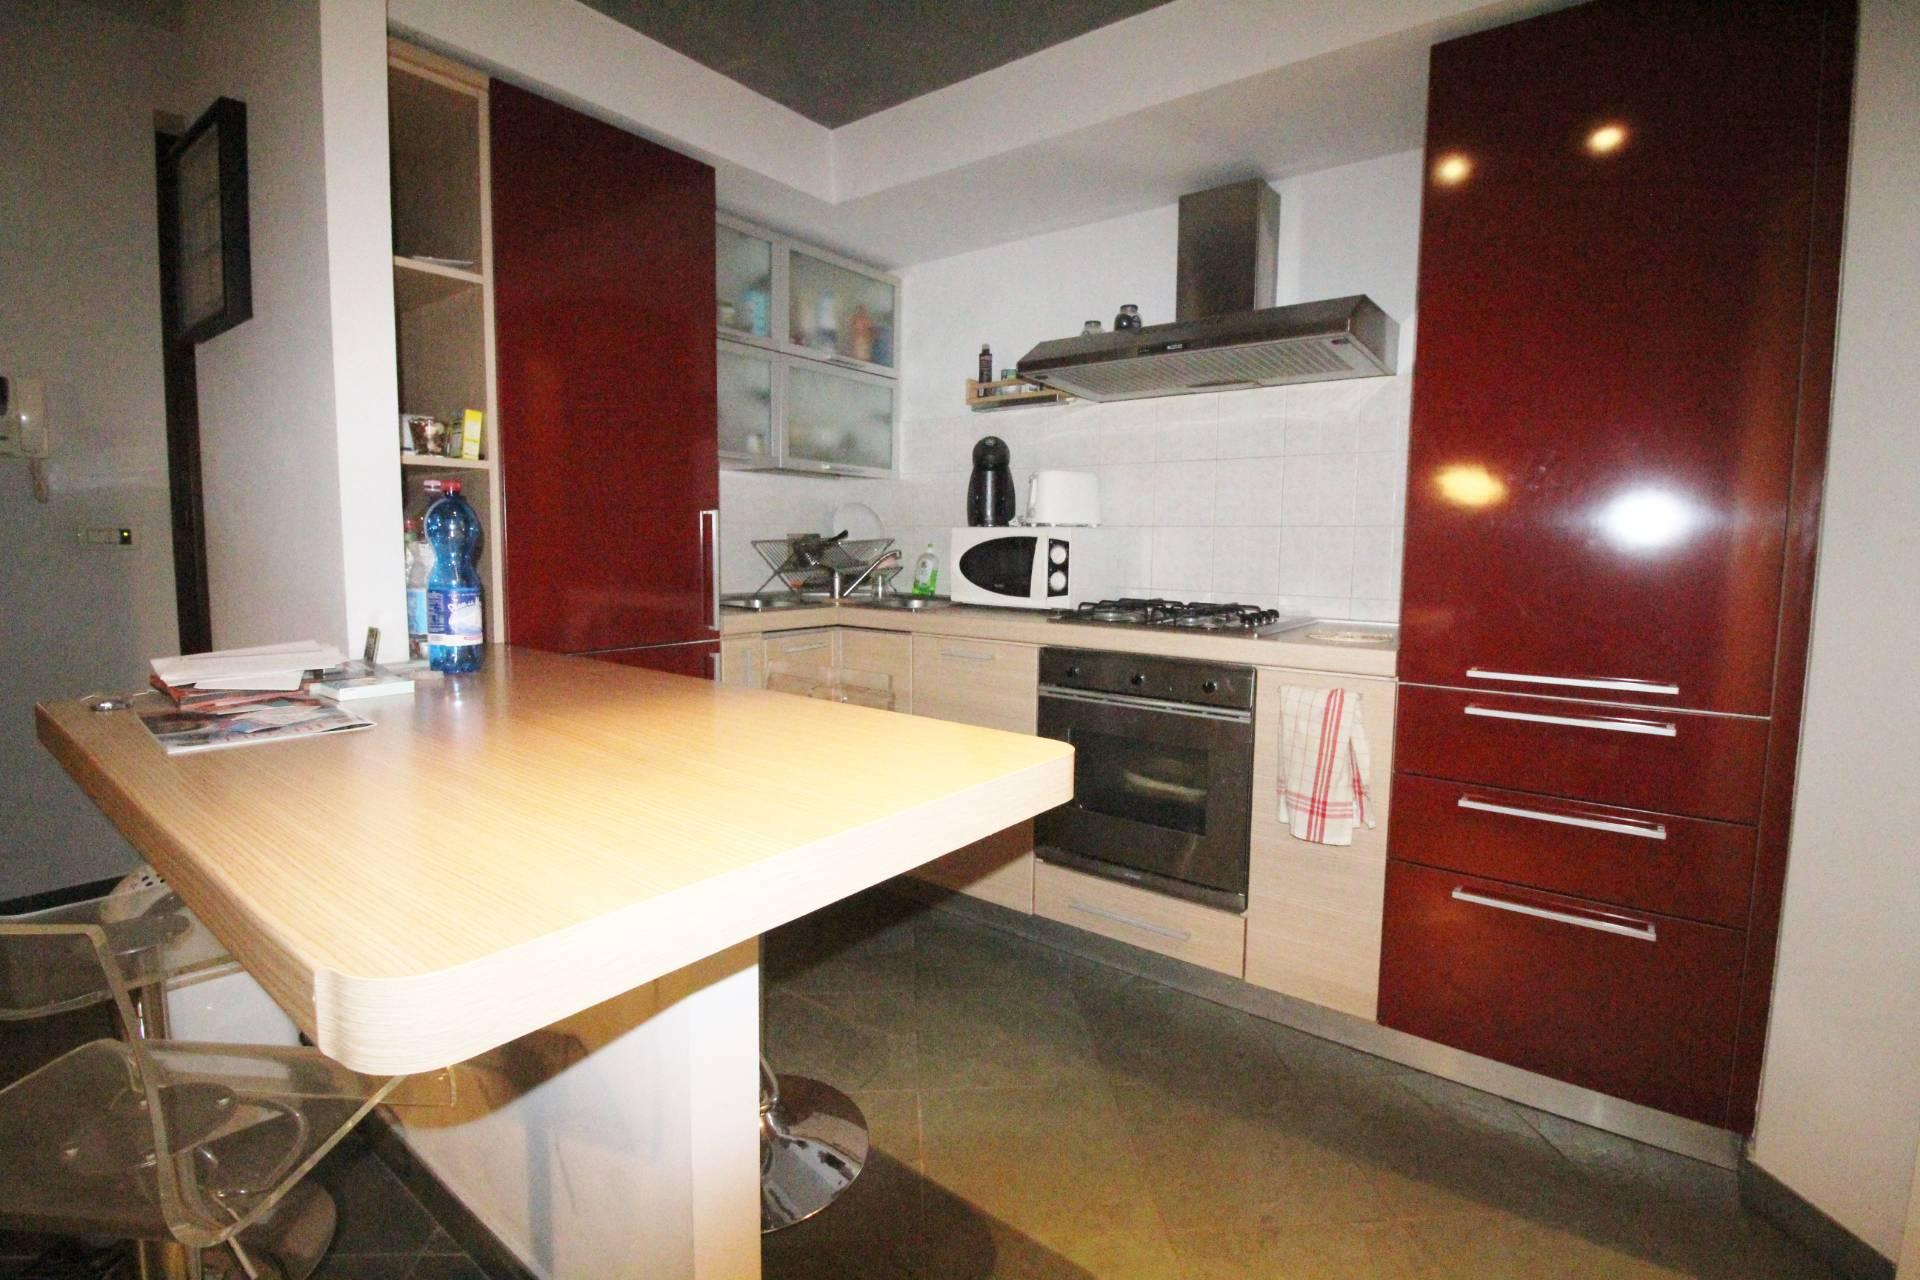 Appartamento in vendita a Rivoli, 2 locali, zona Località: CentroStorico, prezzo € 114.000 | CambioCasa.it